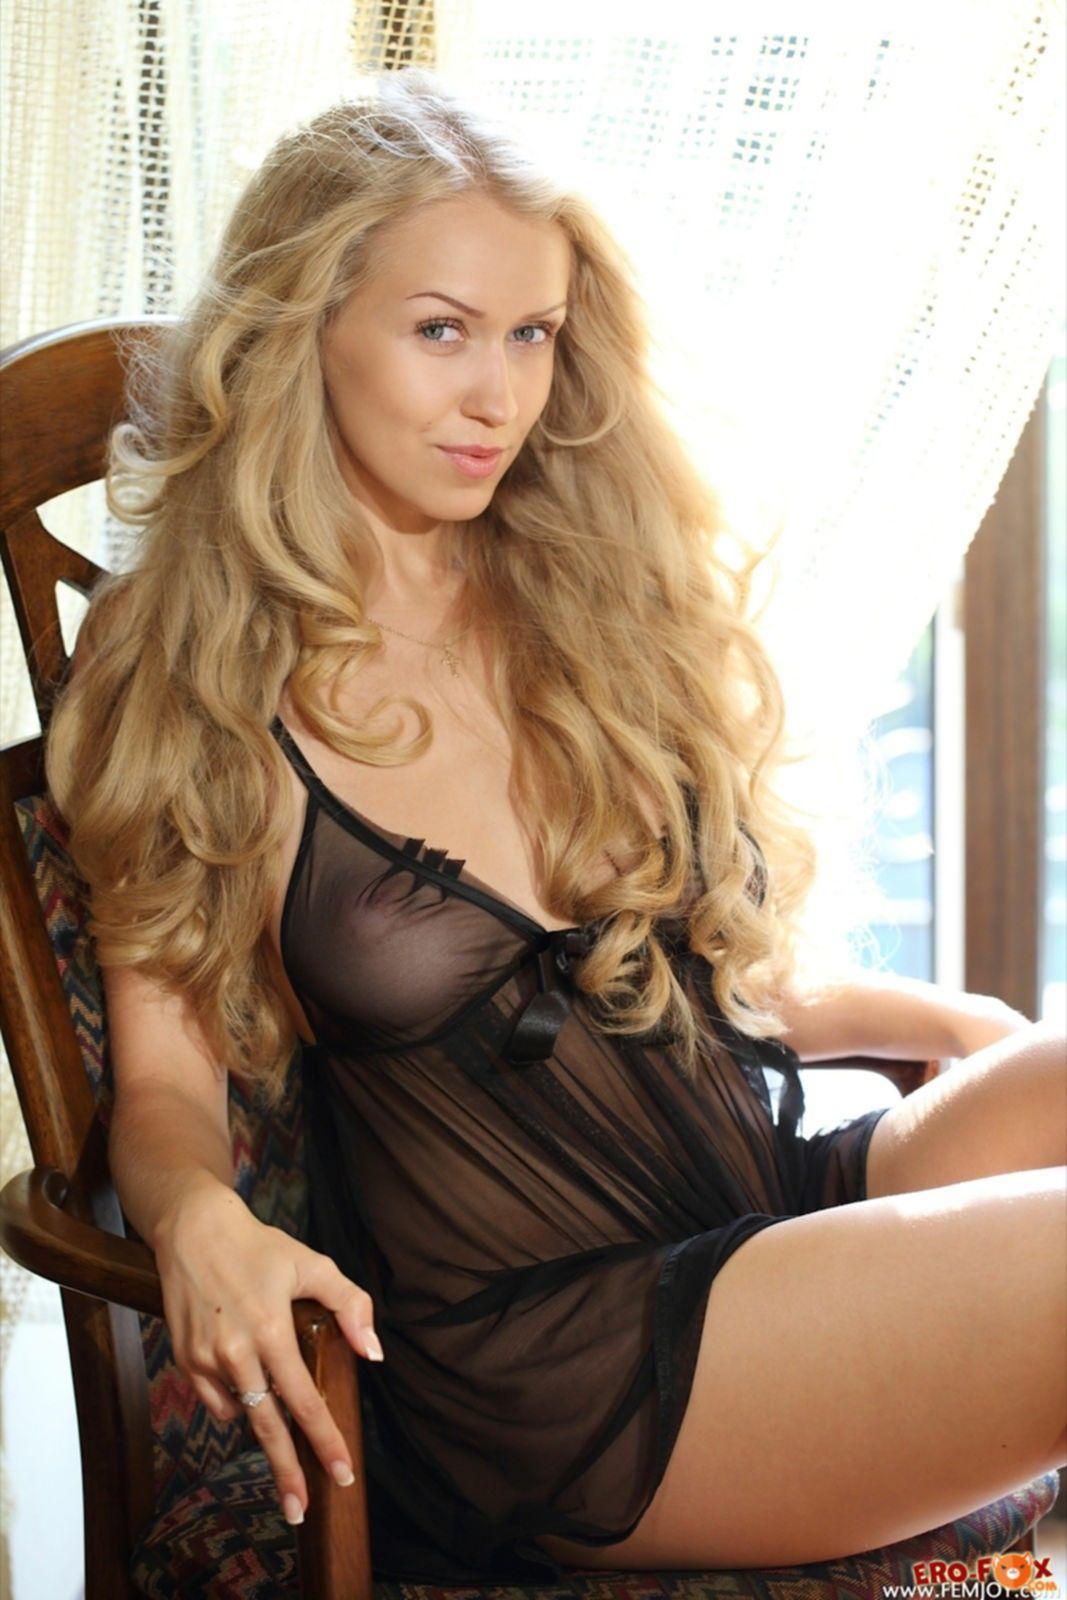 Обворожительная блондинка без трусиков на полу - фото